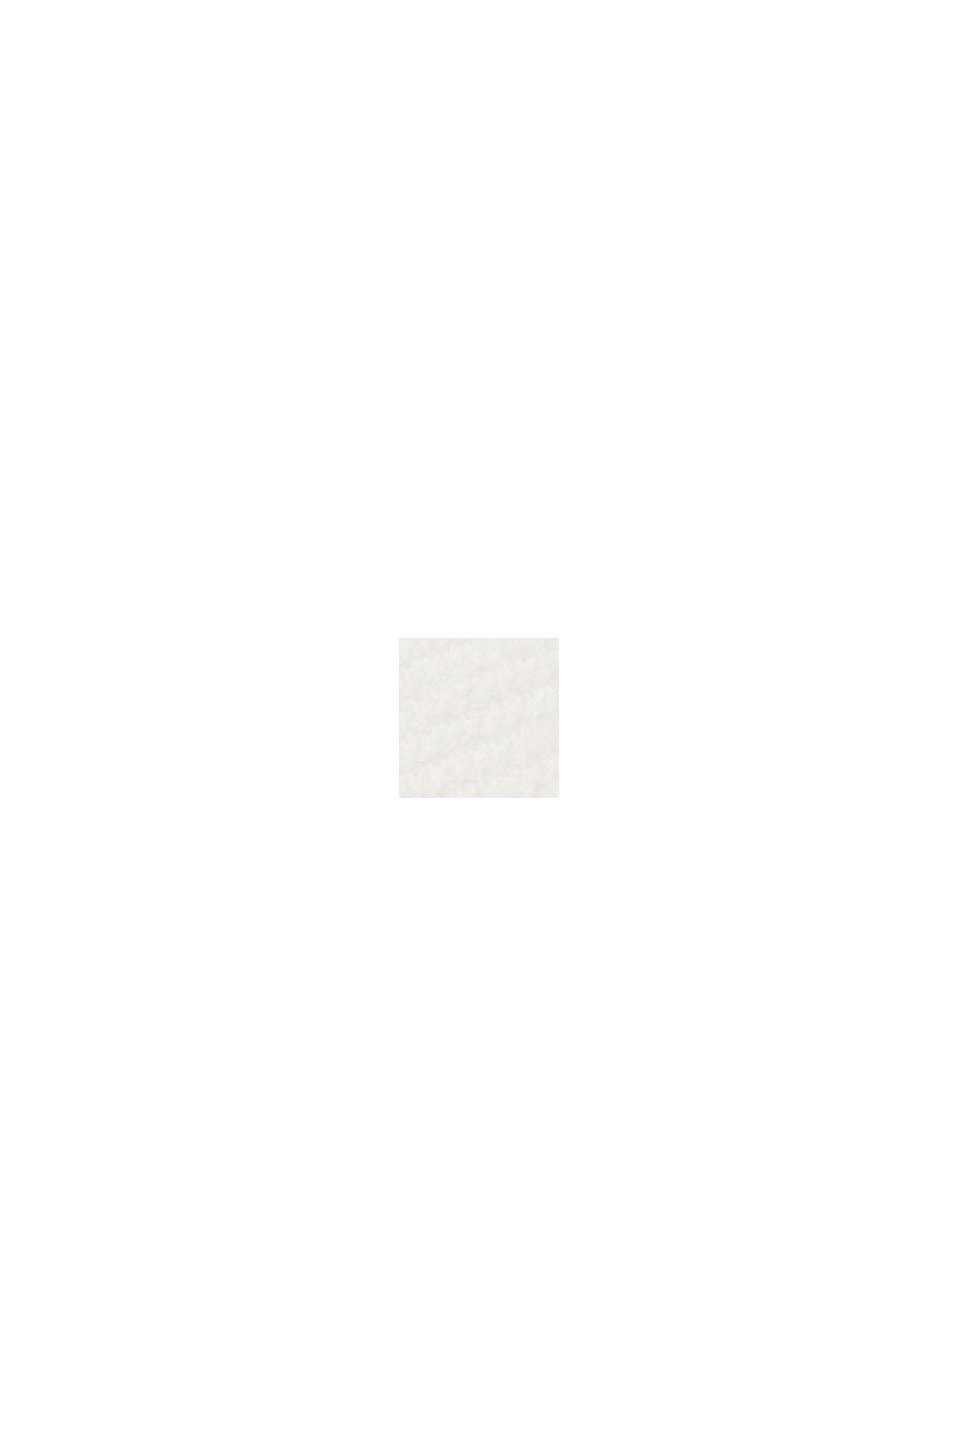 Pullover con scollo a V in cotone biologico, OFF WHITE, swatch